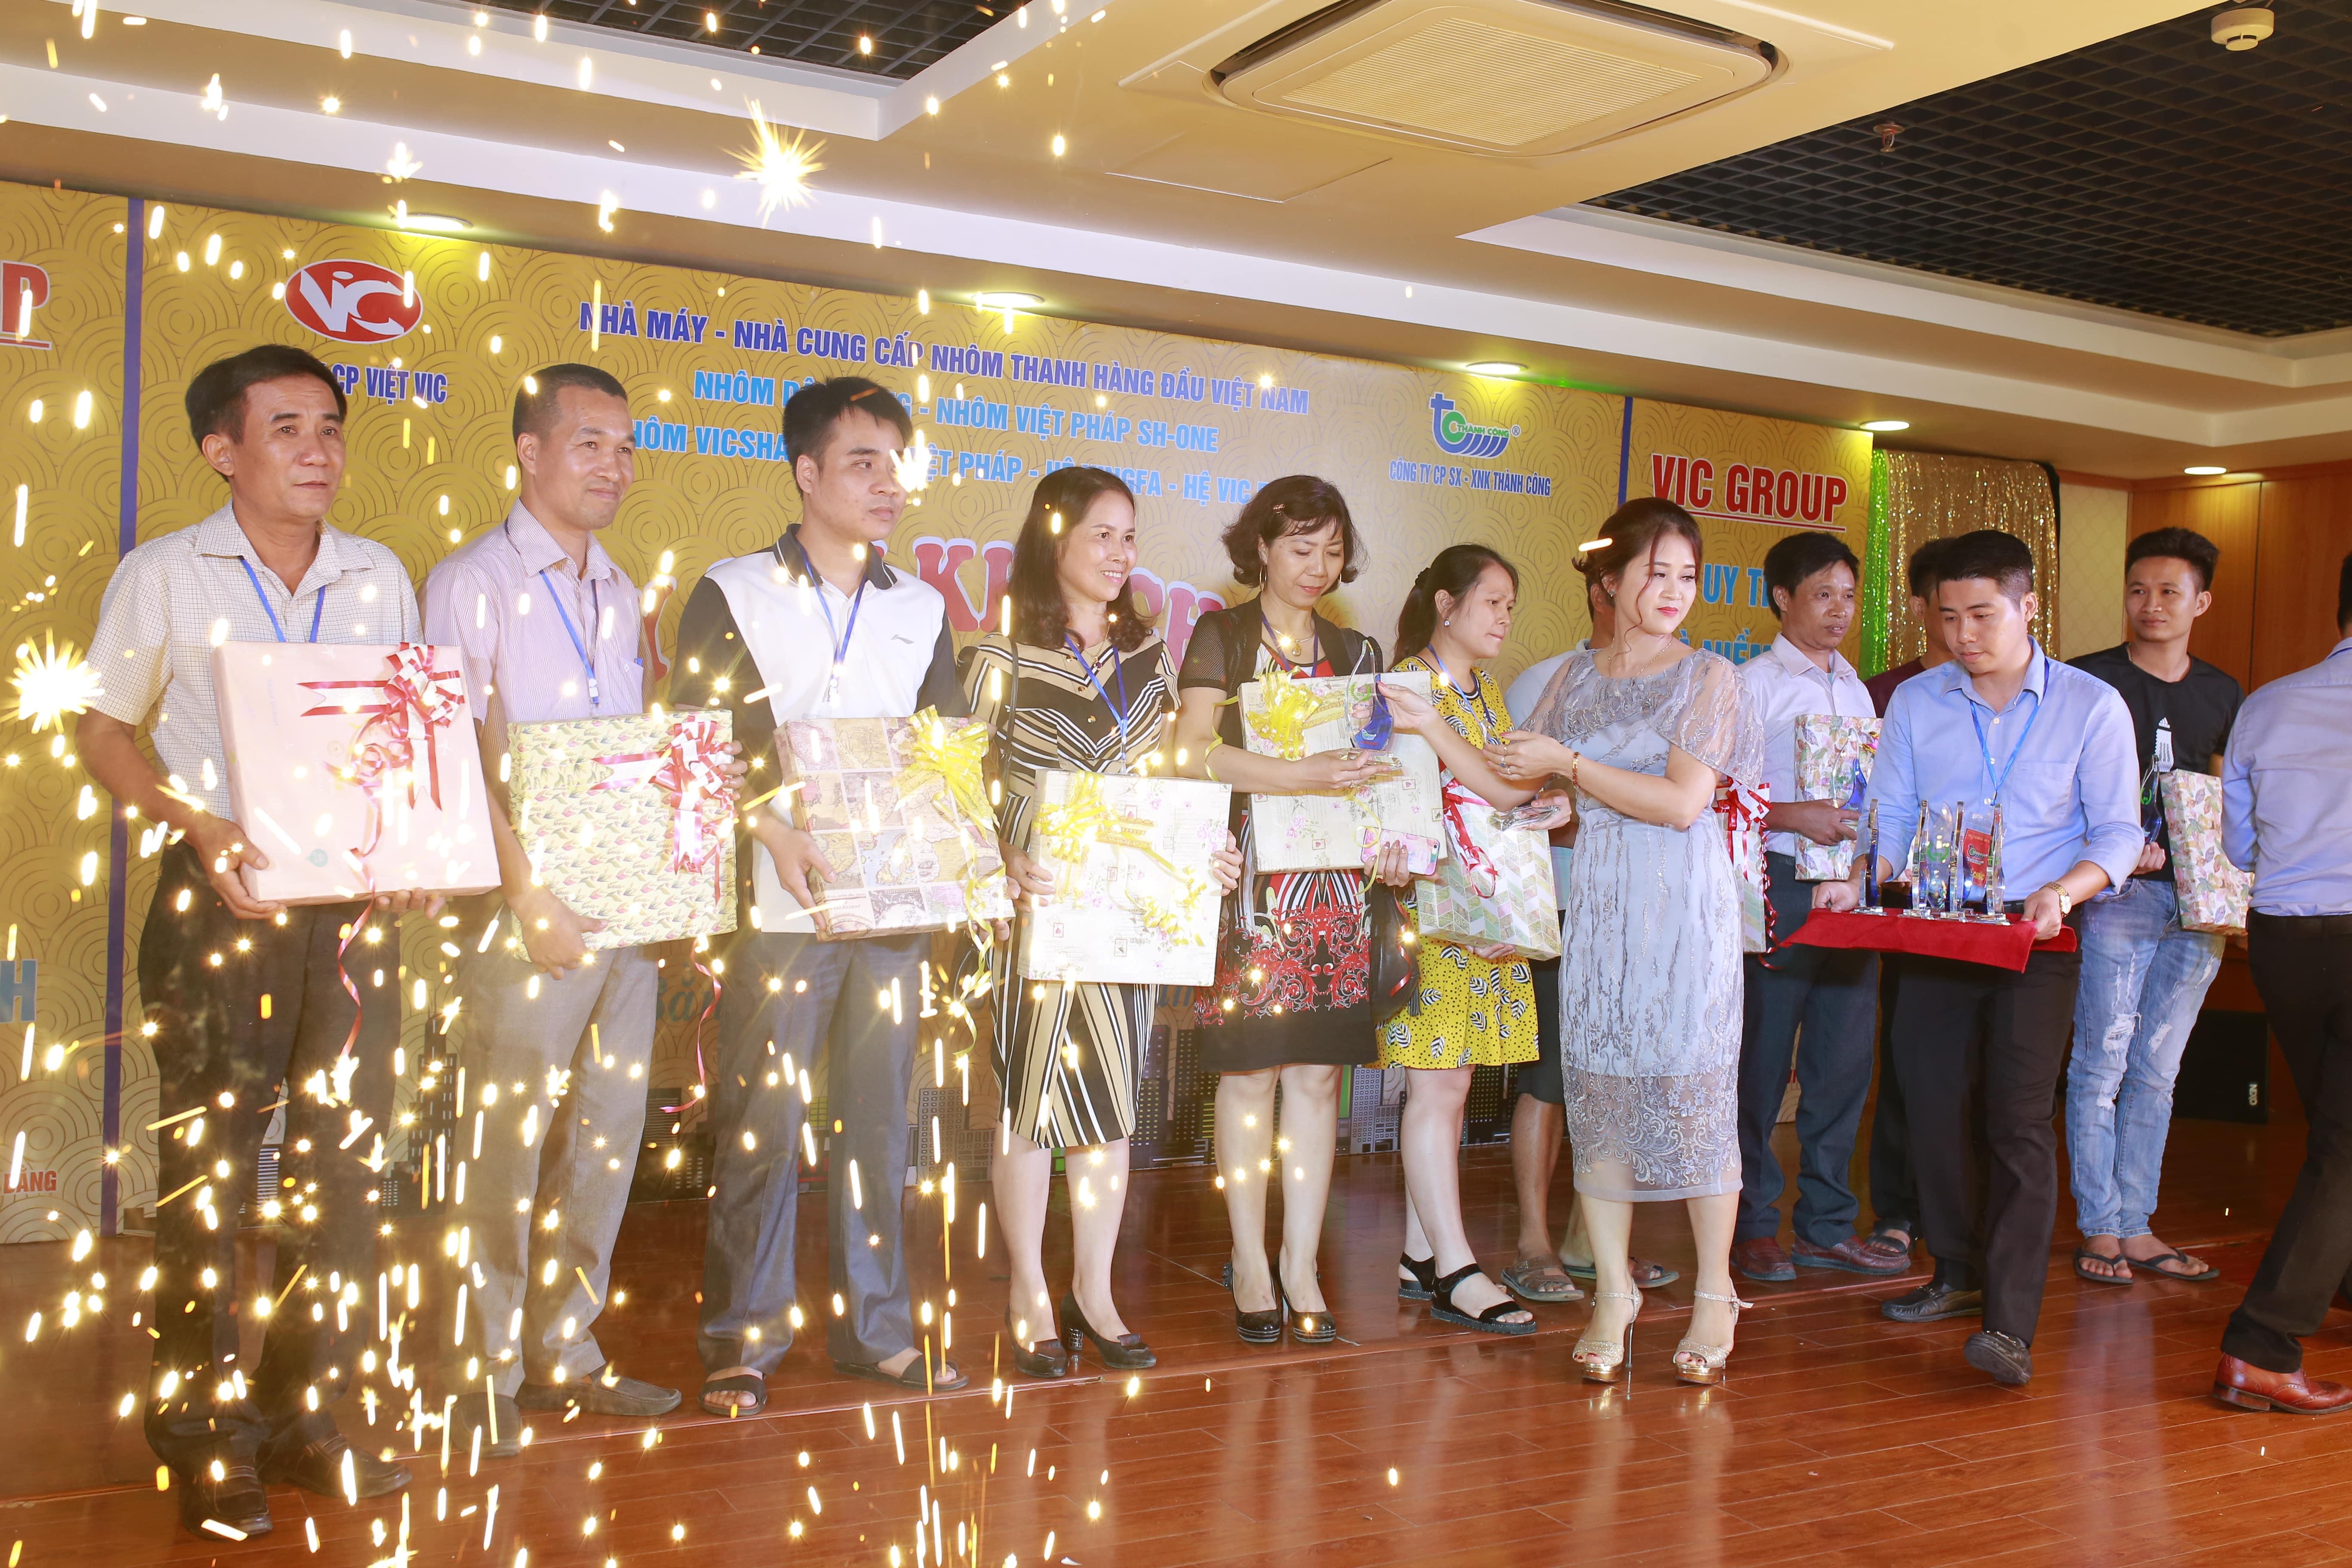 Sự Kiện Tháng 7 Của VIC GROUP Hội Tụ Khách Hàng 2 Tỉnh Bắc Kạn - Cao Bằng